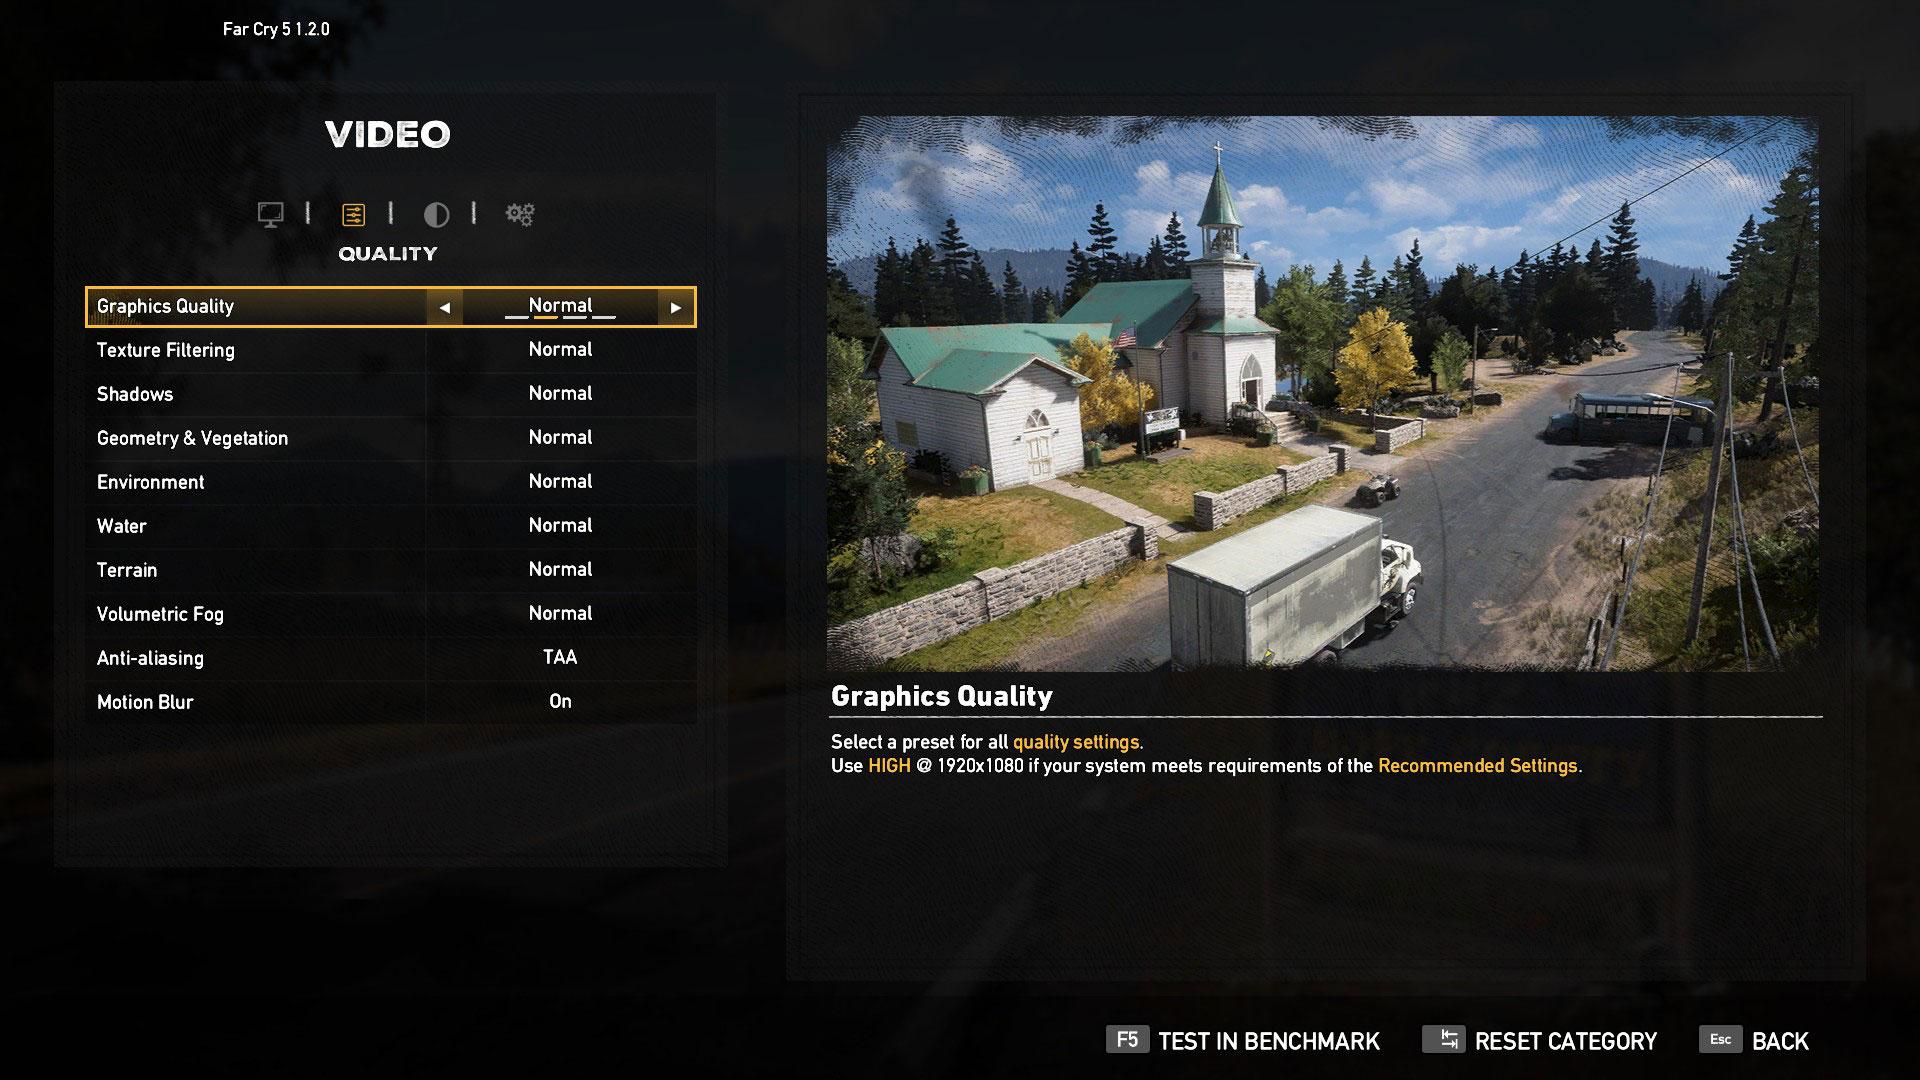 Far Cry 5 Full HD